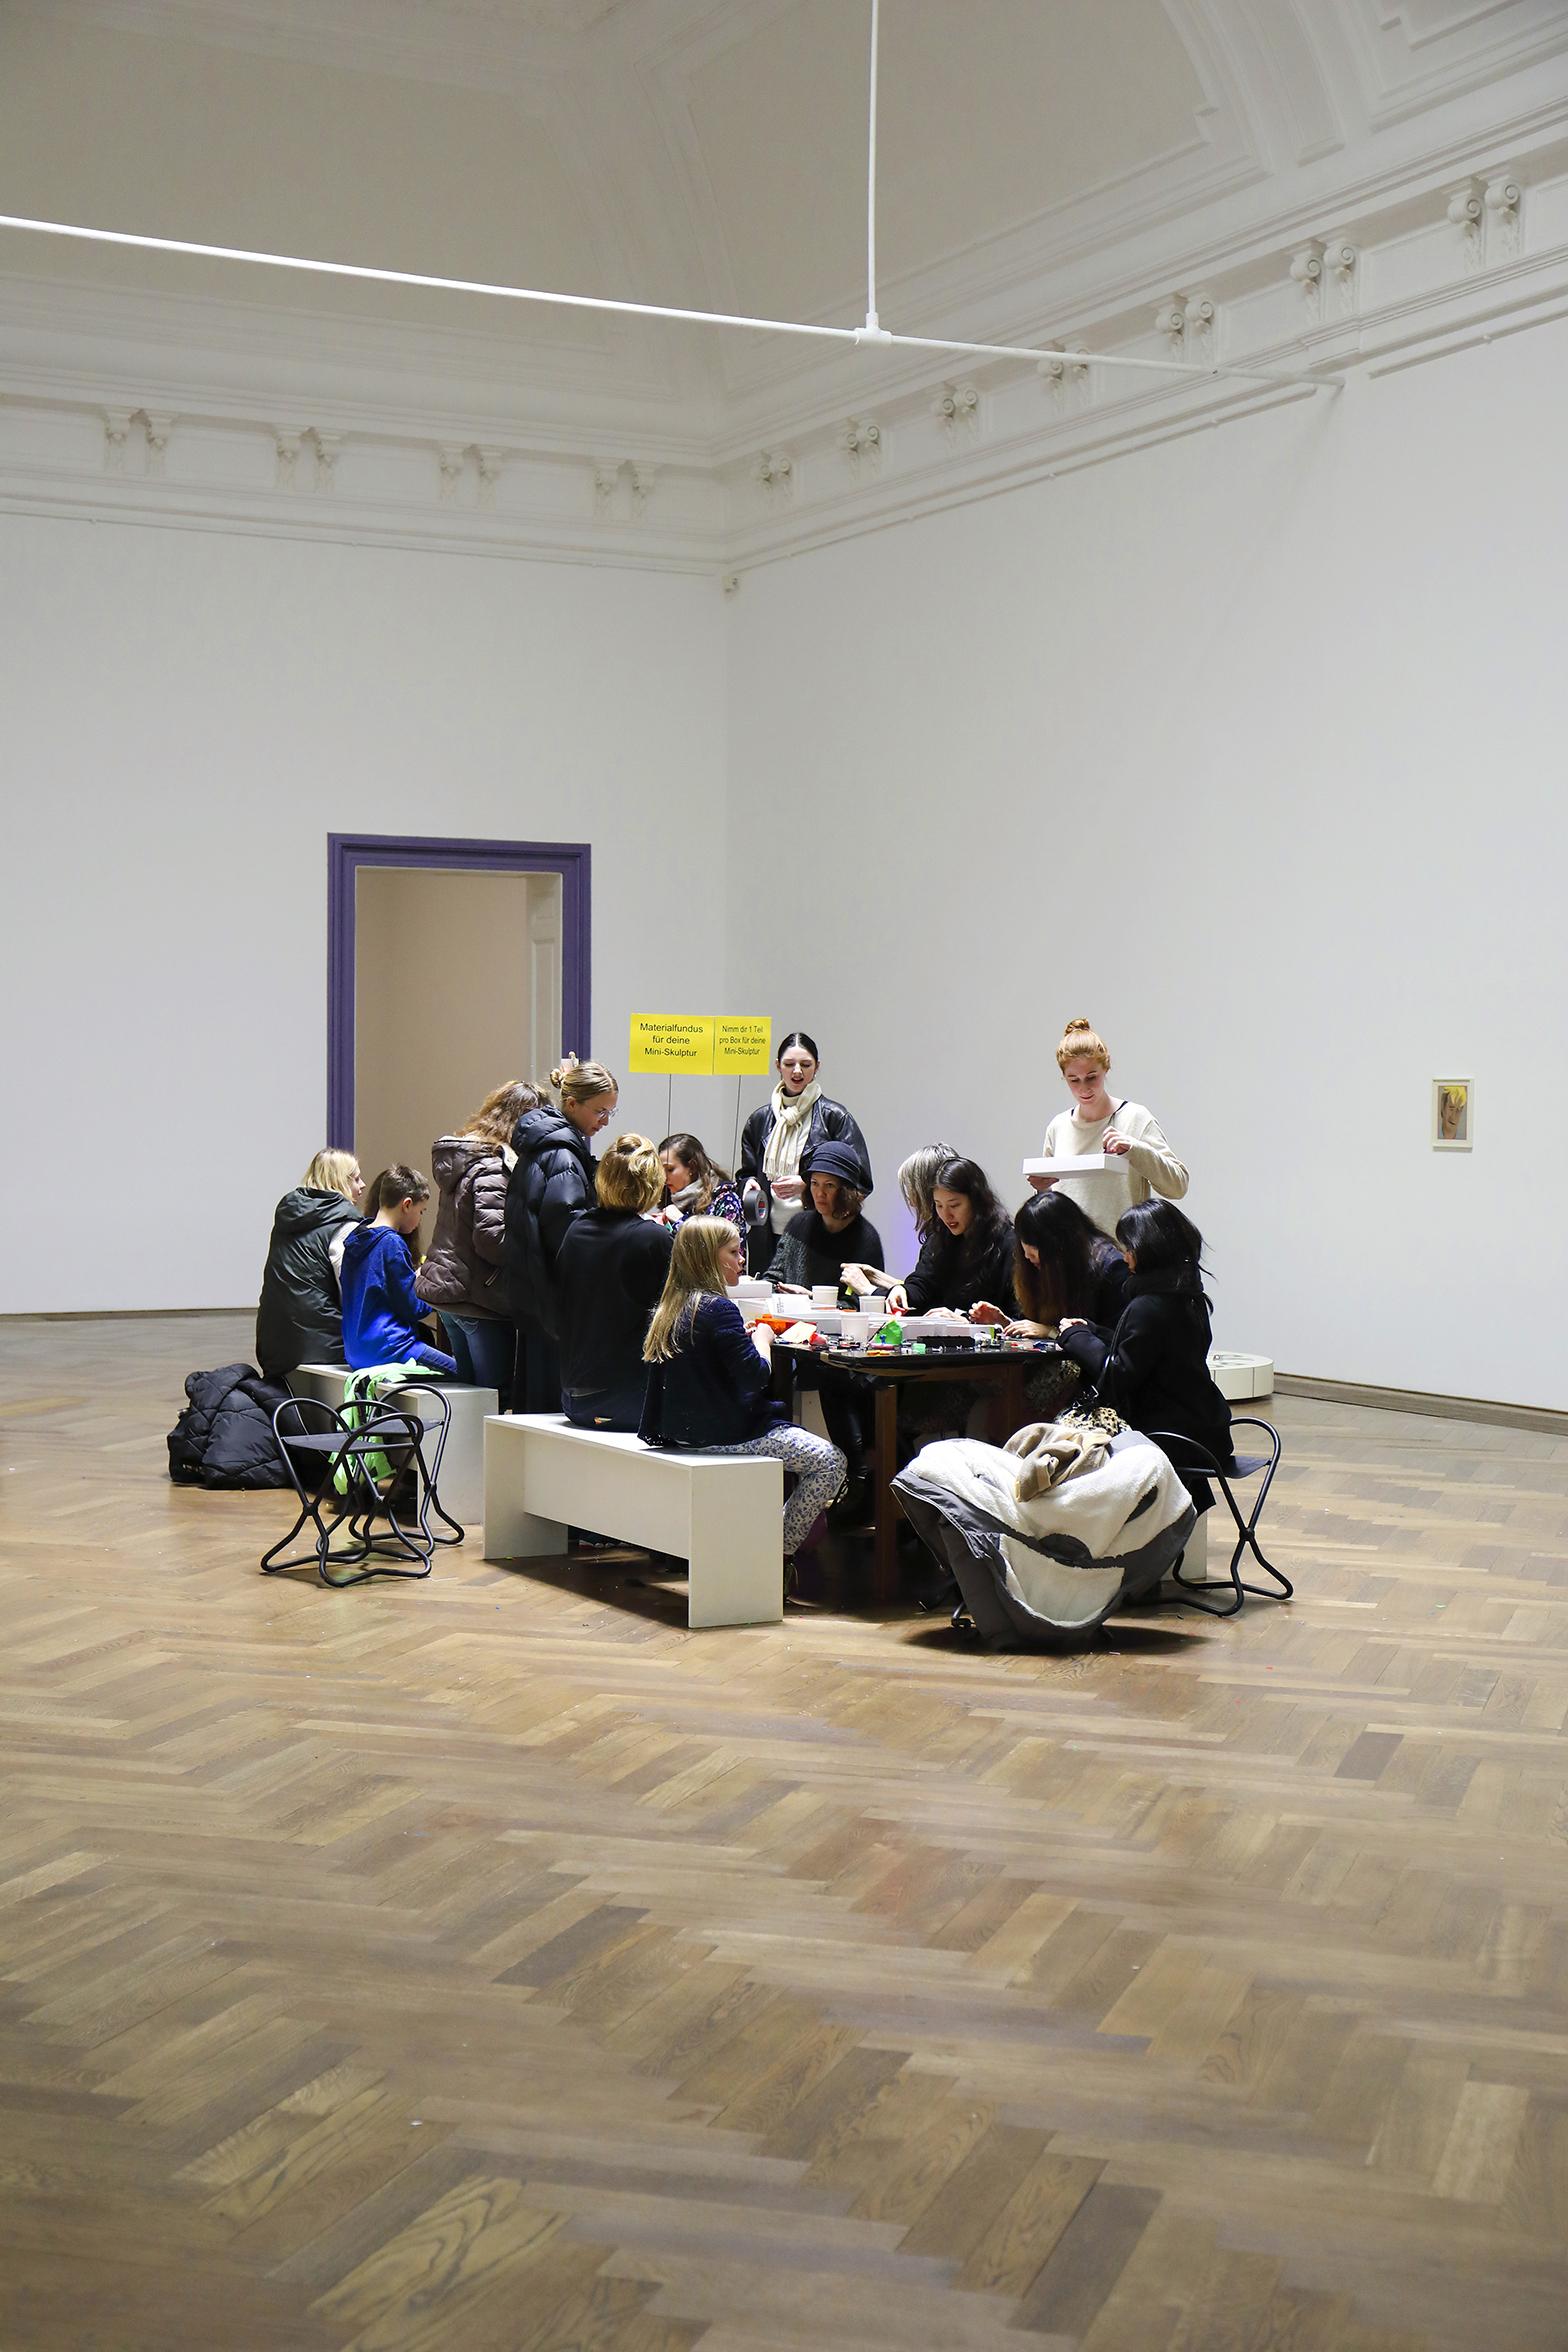 Mn20 Kunsthalle Flaviaschaub